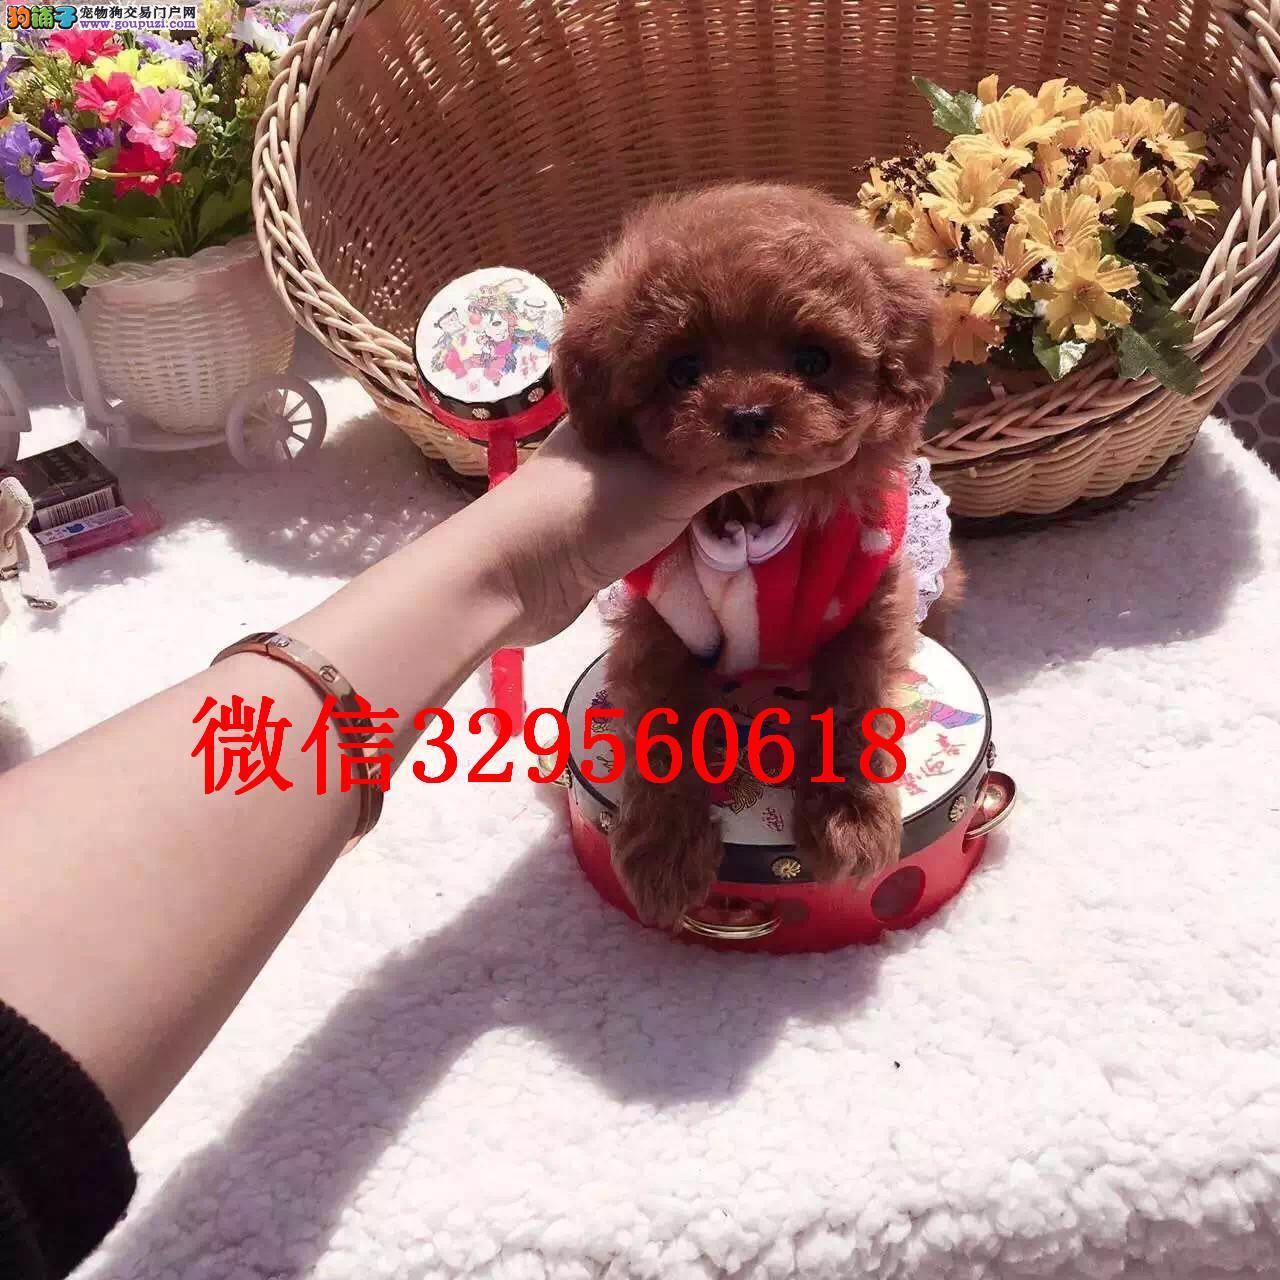 天津有卖泰迪犬的吗 纯种泰迪犬多少钱一只 红色泰迪犬